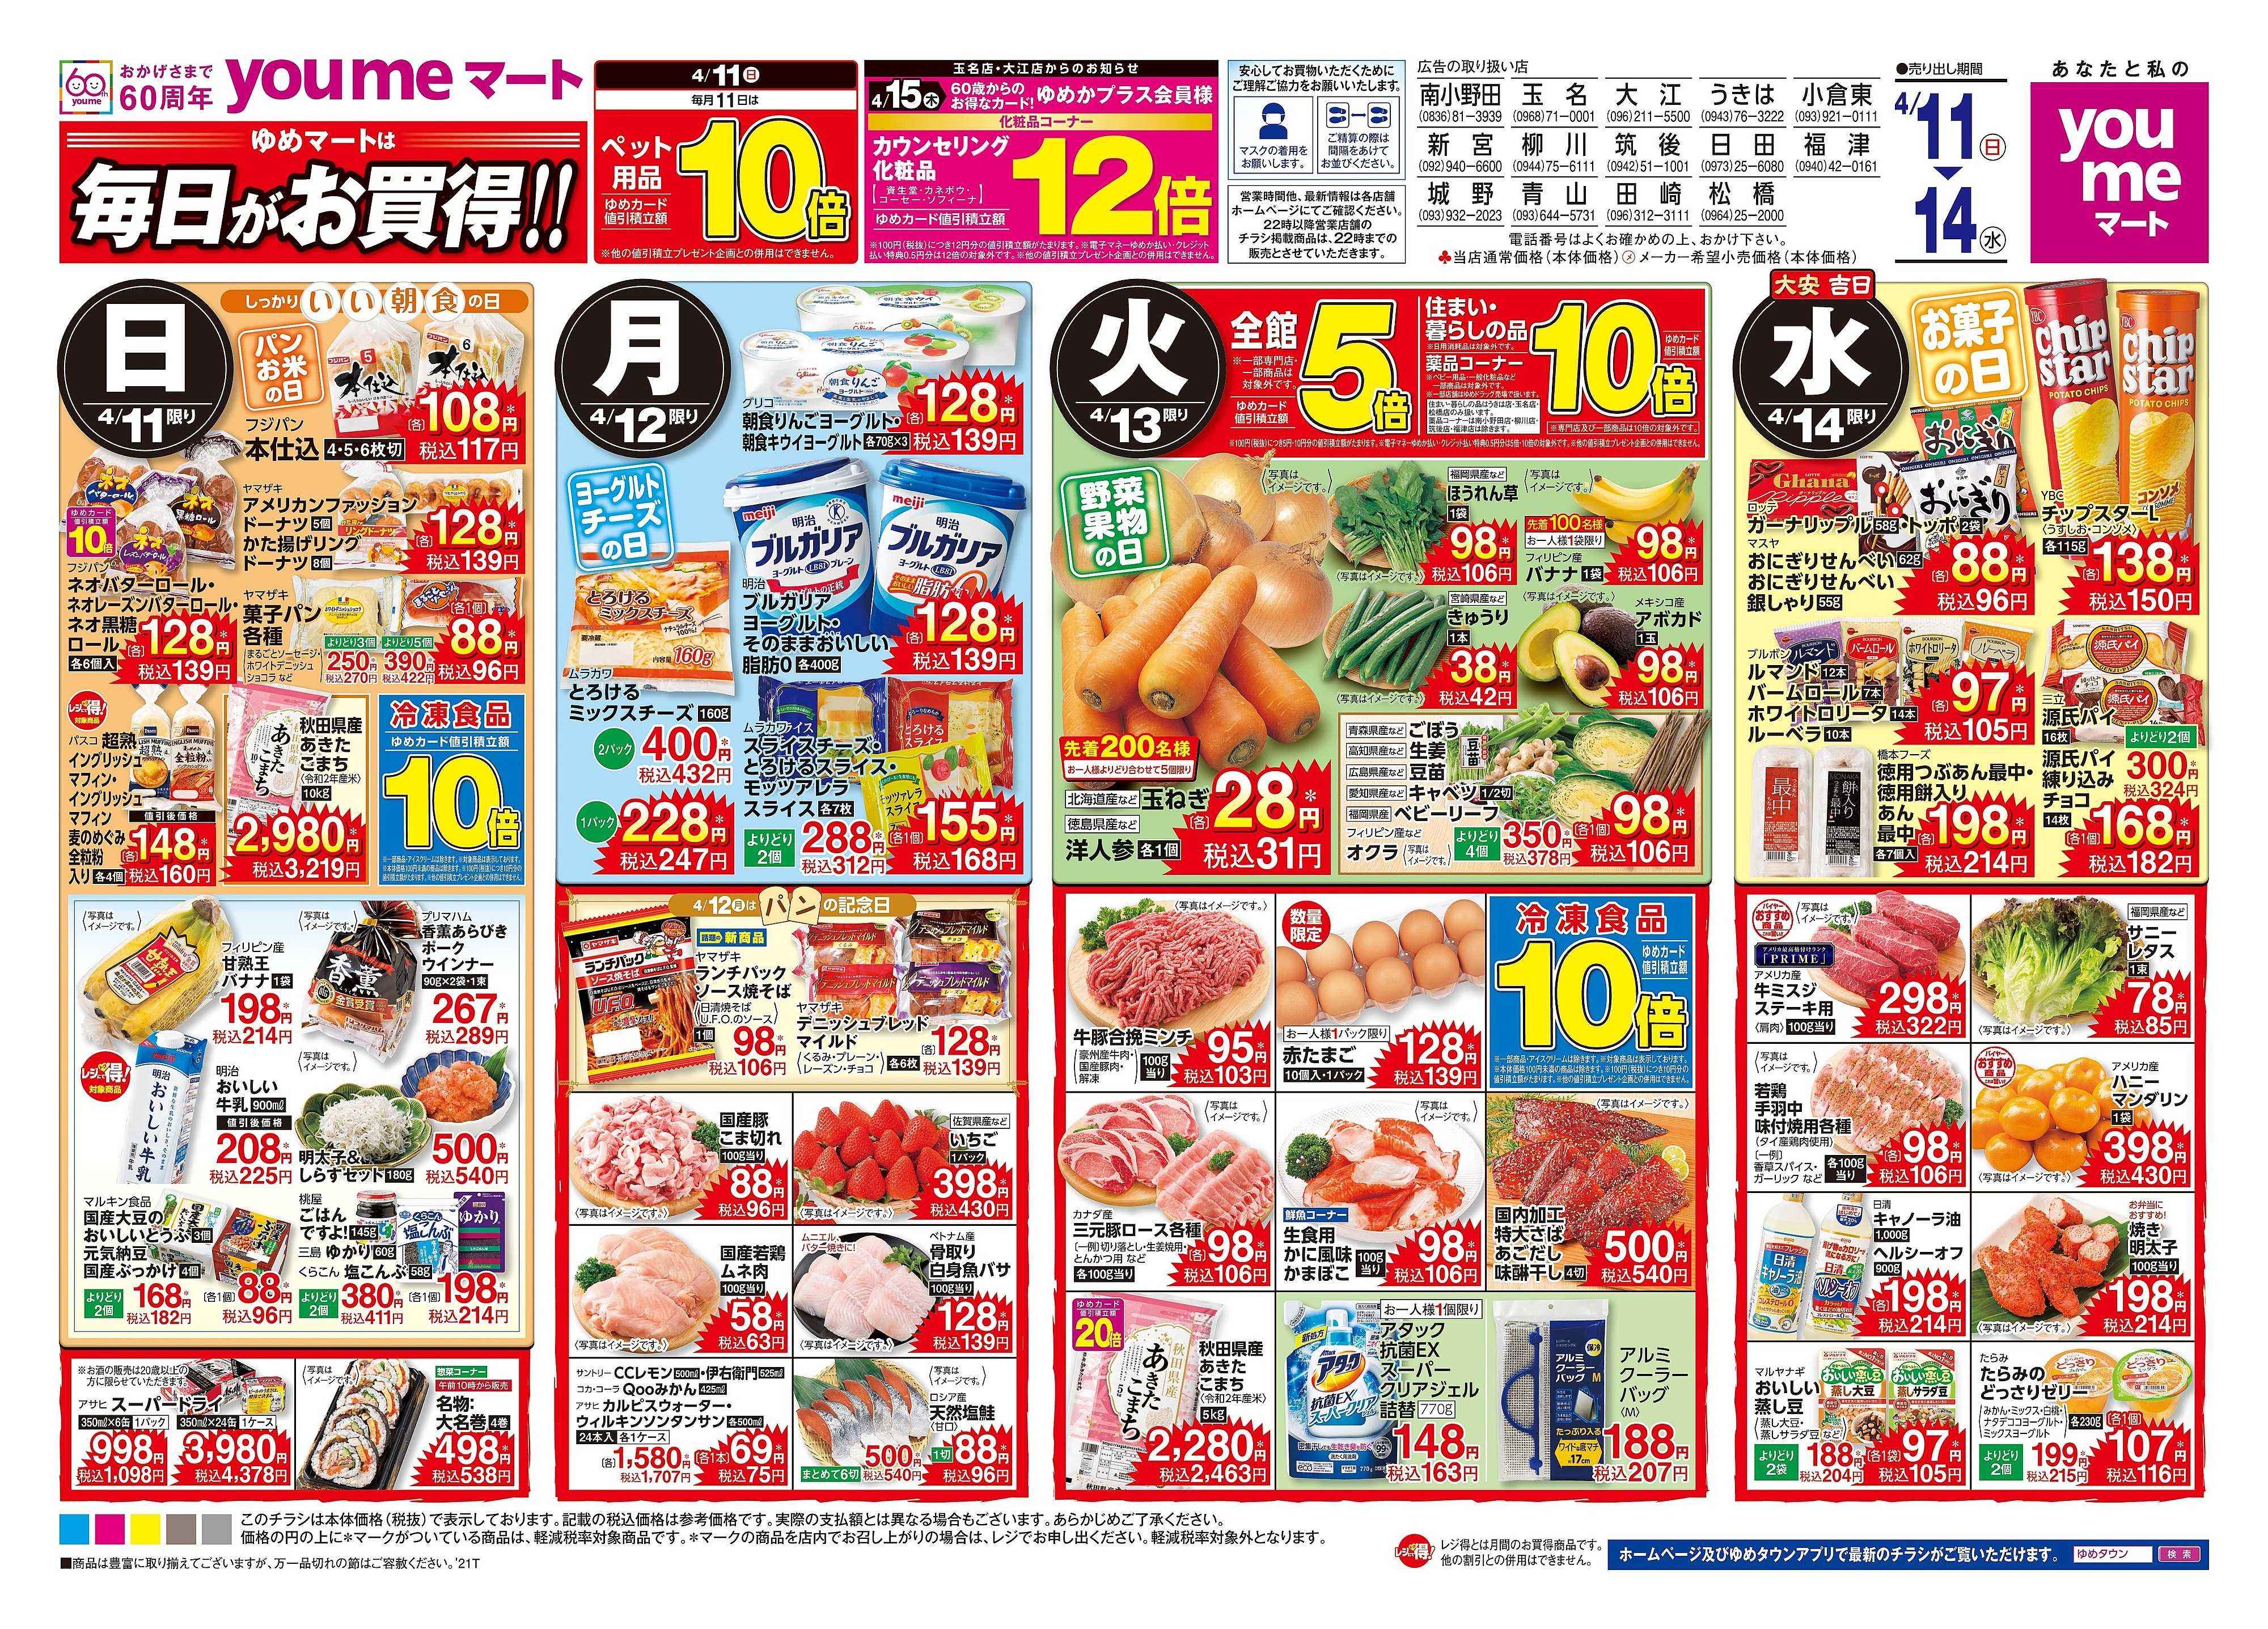 ゆめマート 4/11(日)-4/14(水)